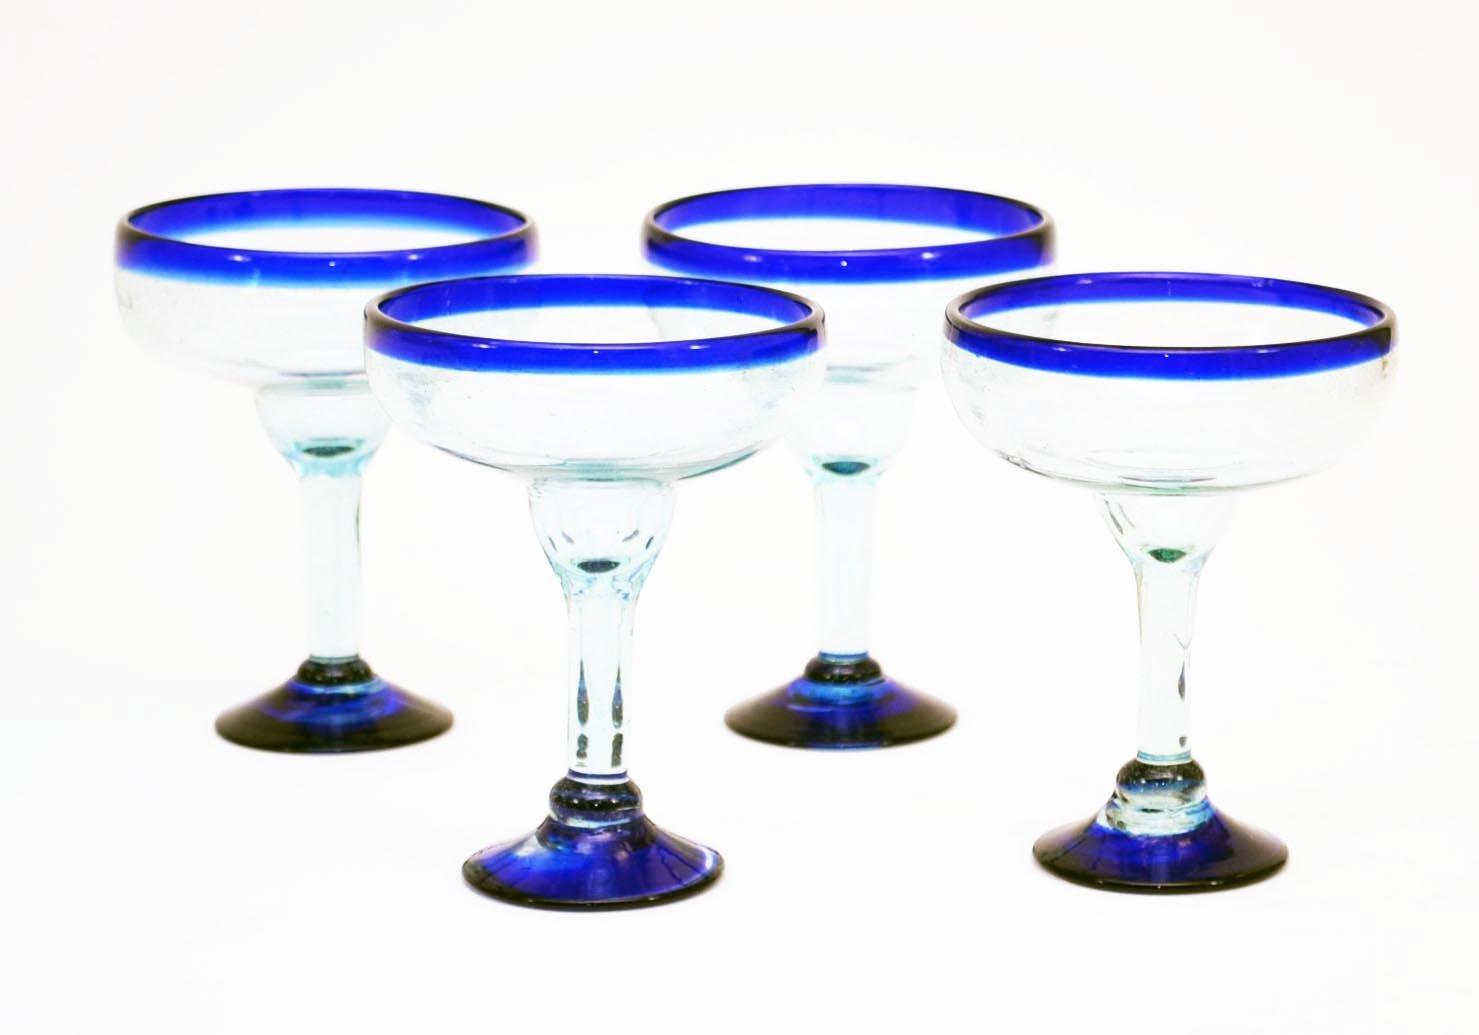 Set of 4, Handmade Mexican Blue Rimmed Margarita Glasses, Recycled Glass-16 Oz Laredo Import 2108BM